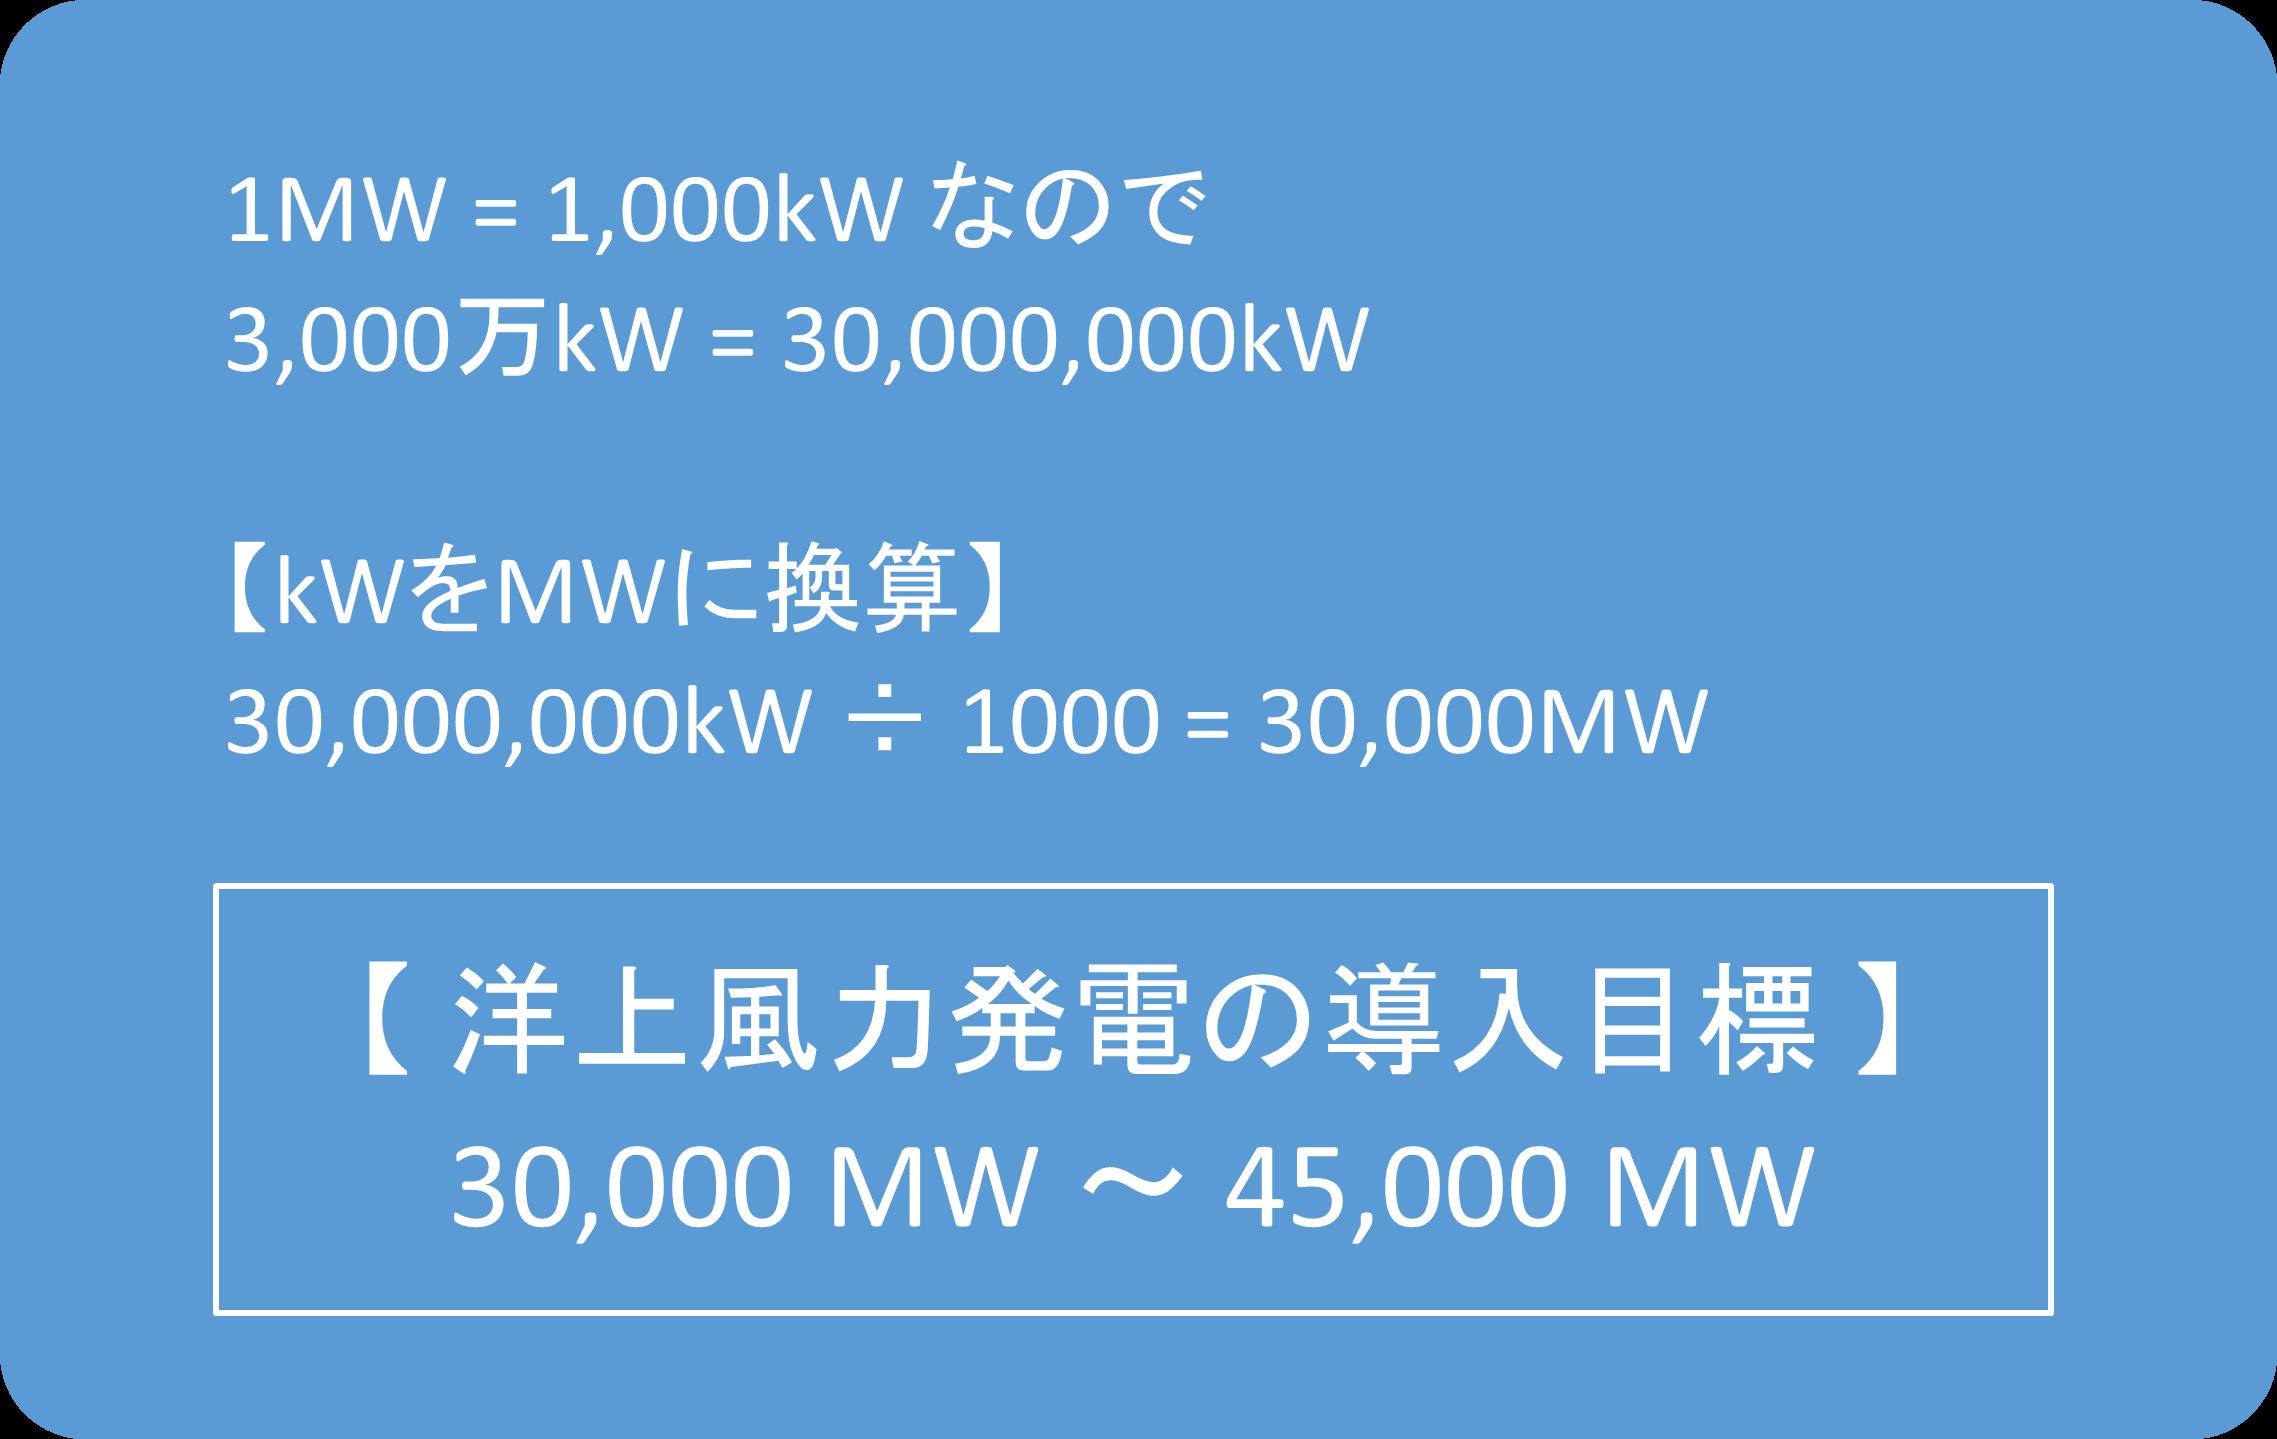 洋上風力発電拡大へ-07